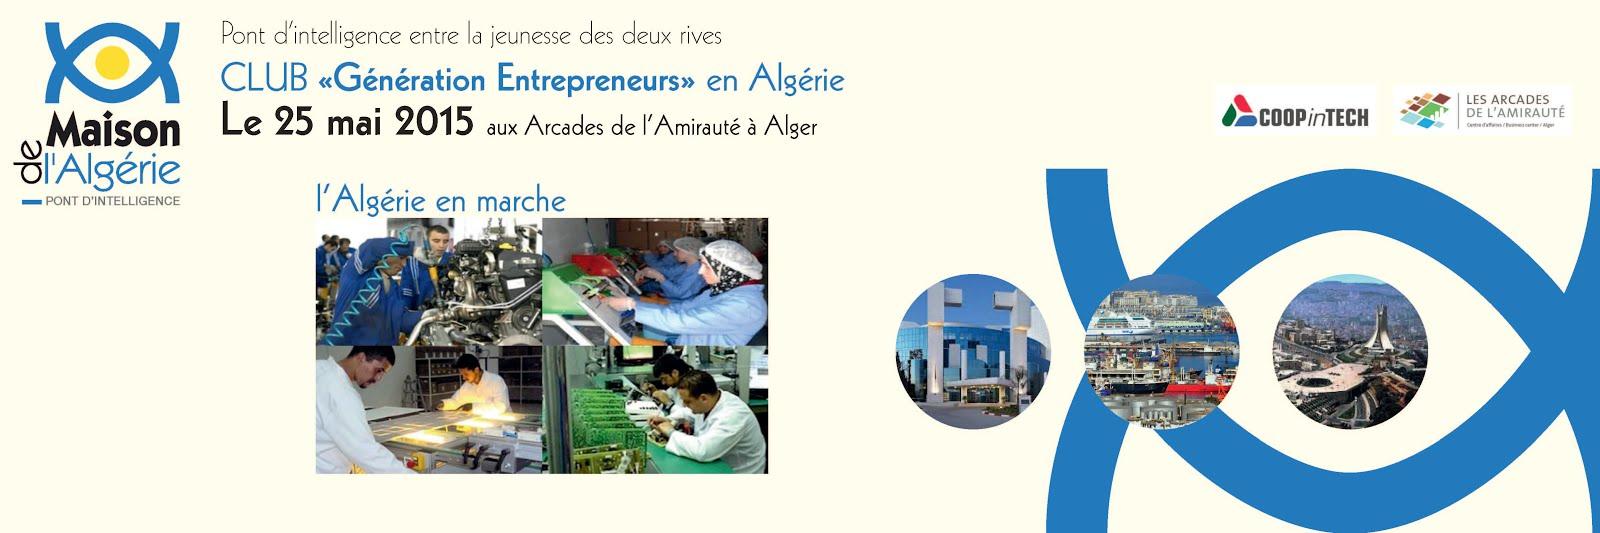 Maison de l'Algérie Pont-d'intelligence